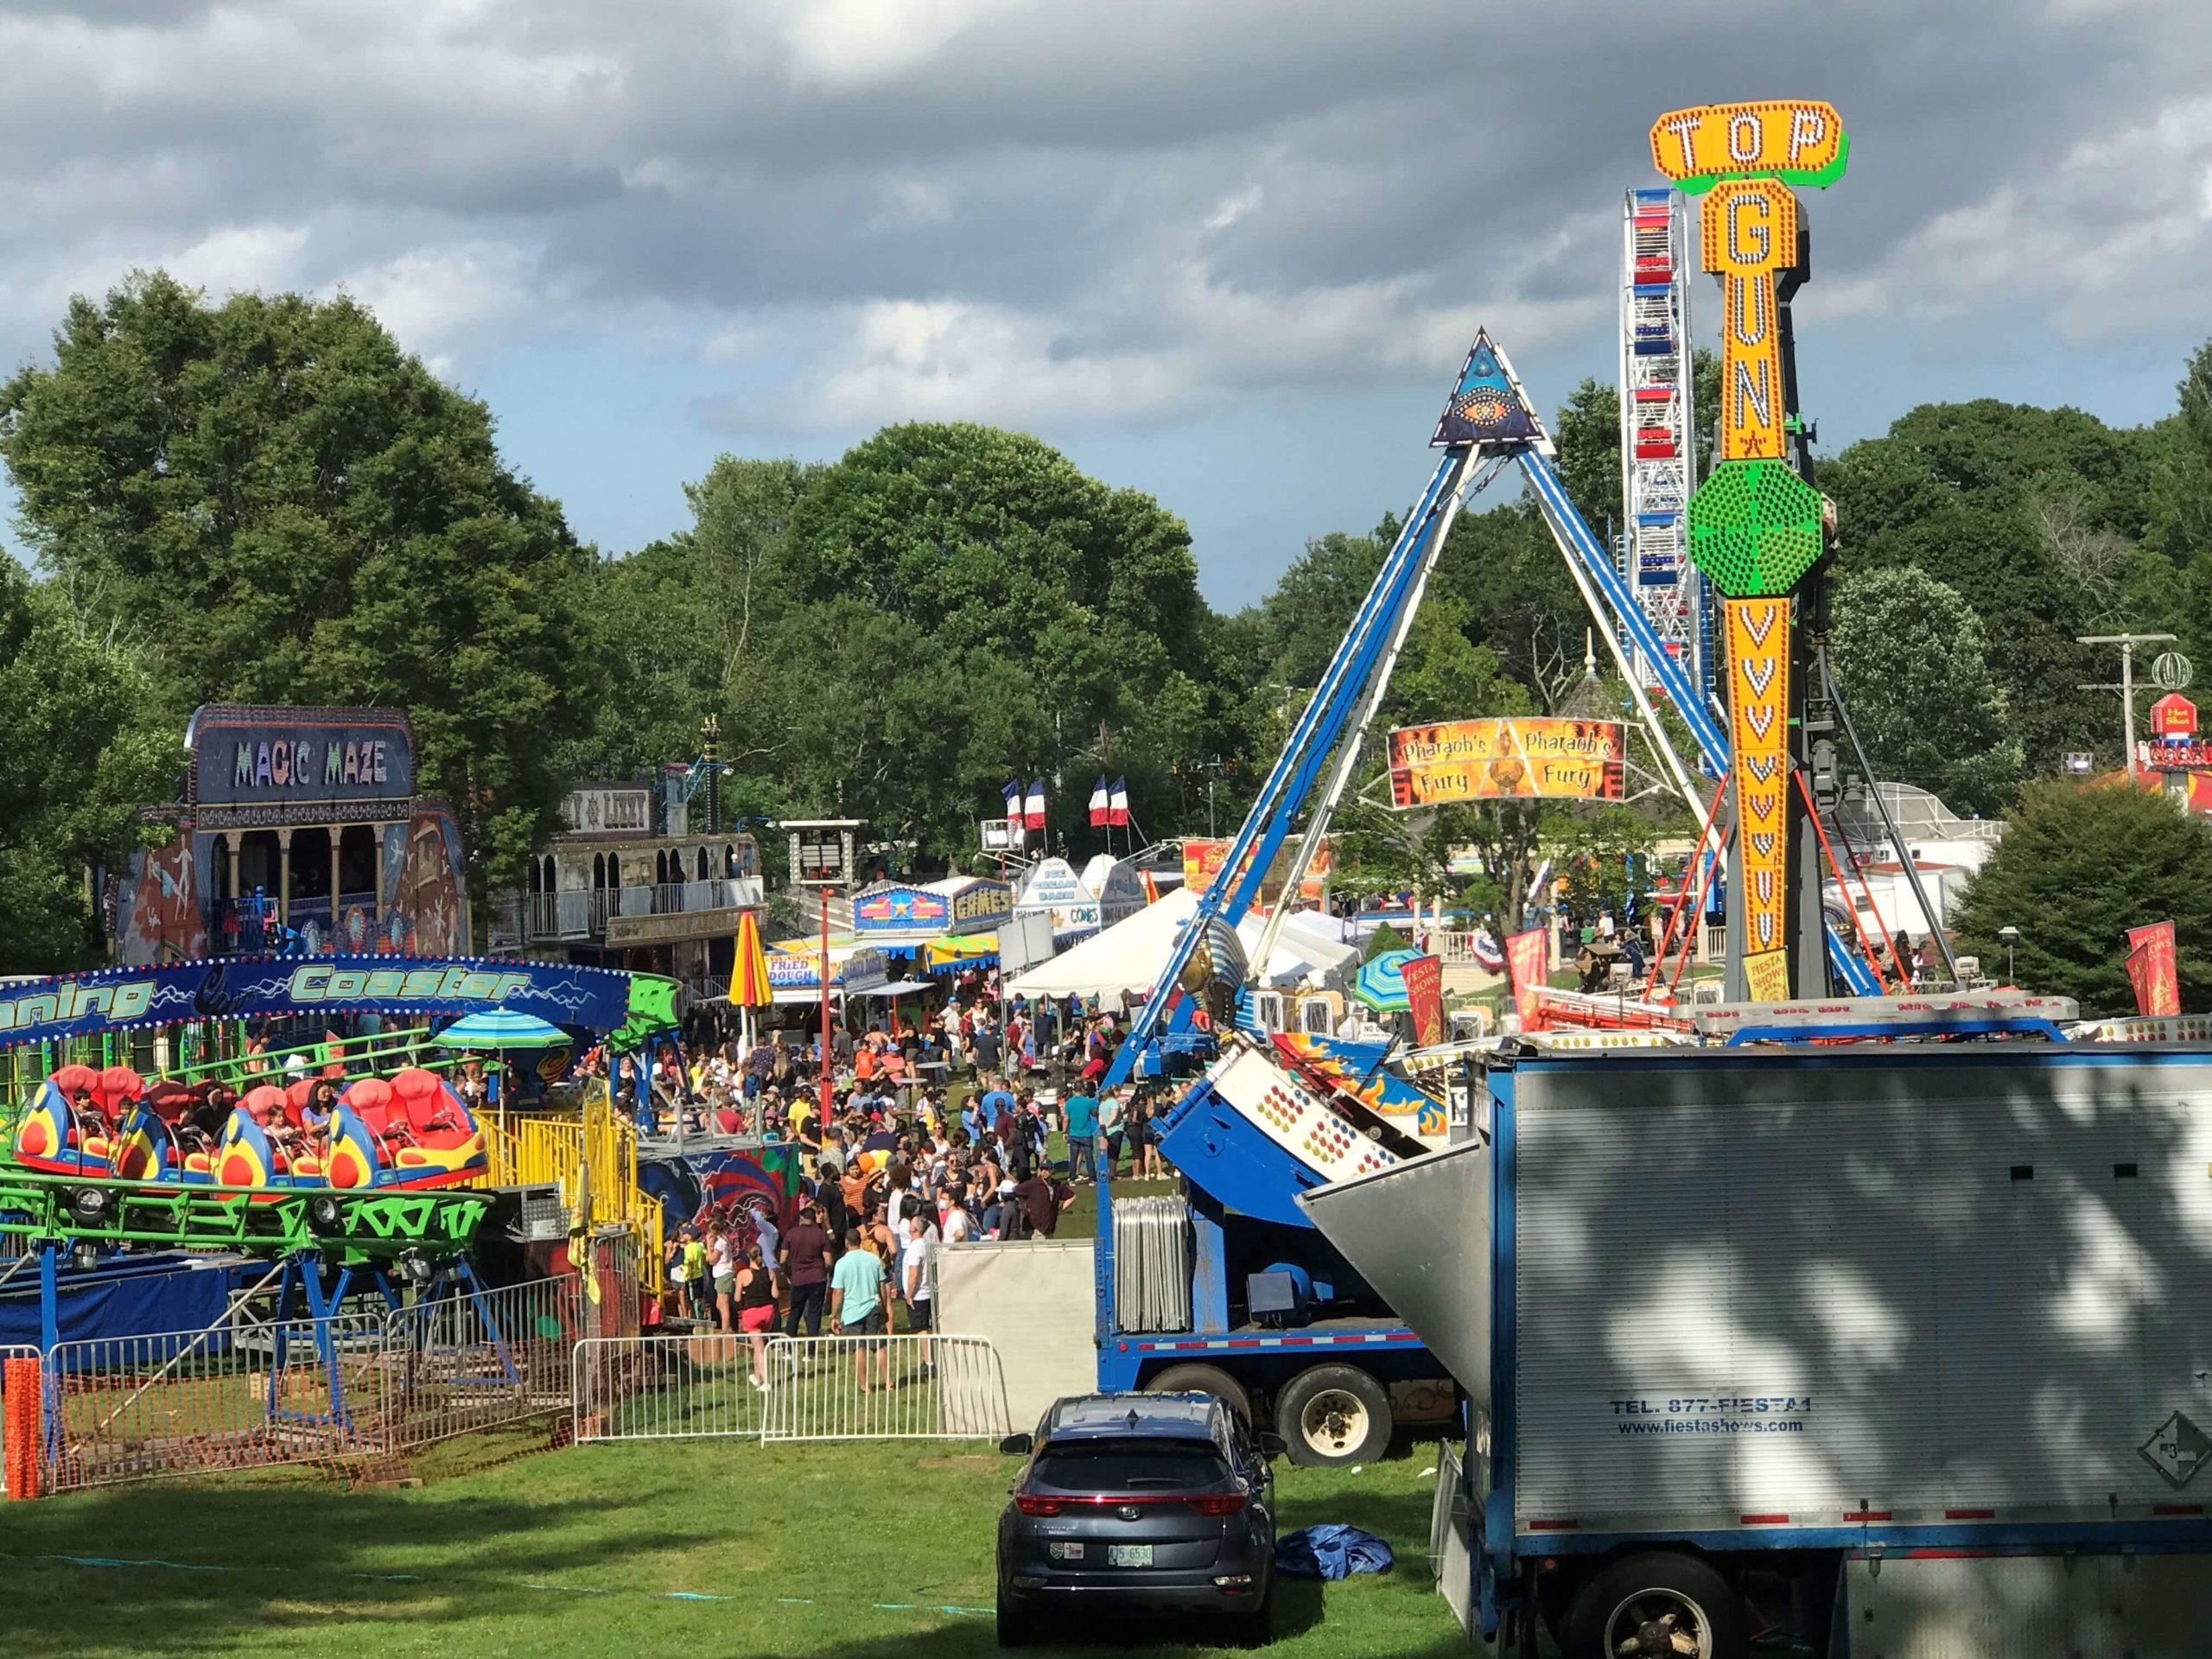 历史名镇莱克星敦镇举办庆祝独立日大型嘉年华活动